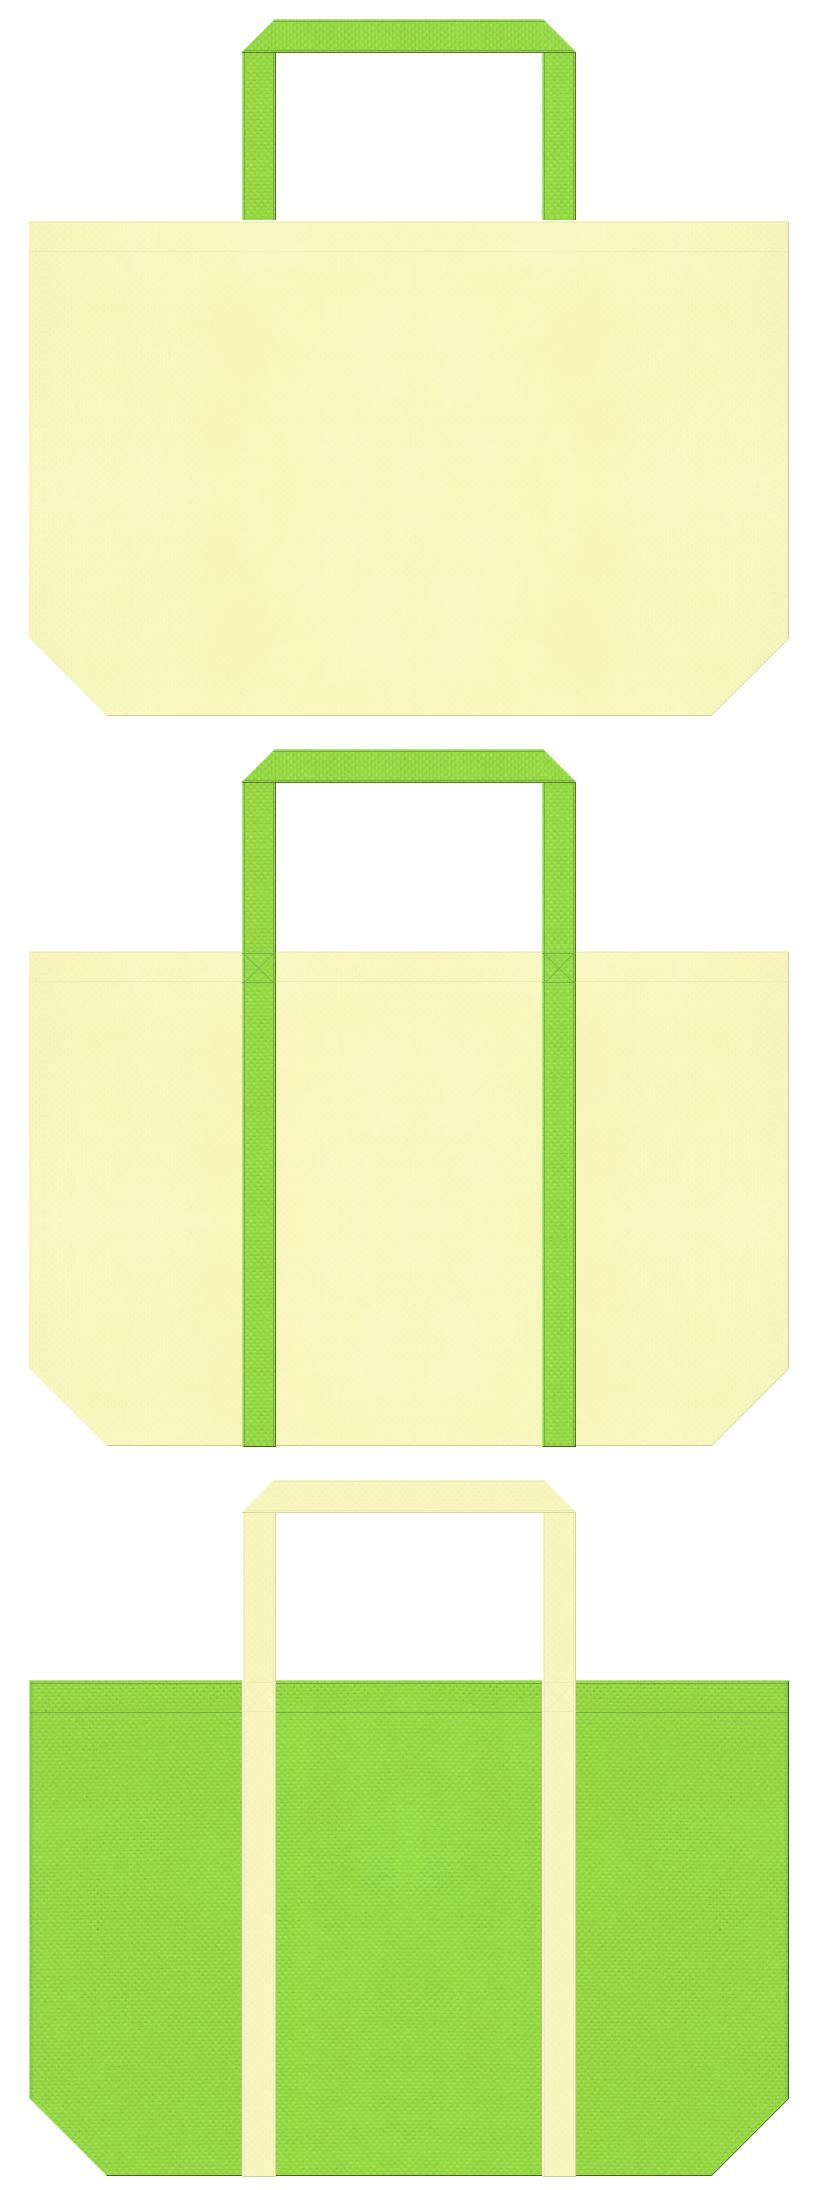 優しさ・ゆるさ・リラックス・絵本・おとぎ話・小鳥・インコ・ナチュラル・草原・春のイベント・エコバッグ・ガーリーデザイン・パステルカラーの不織布マイバッグにお奨めのデザイン:薄黄色と黄緑色のコーデ